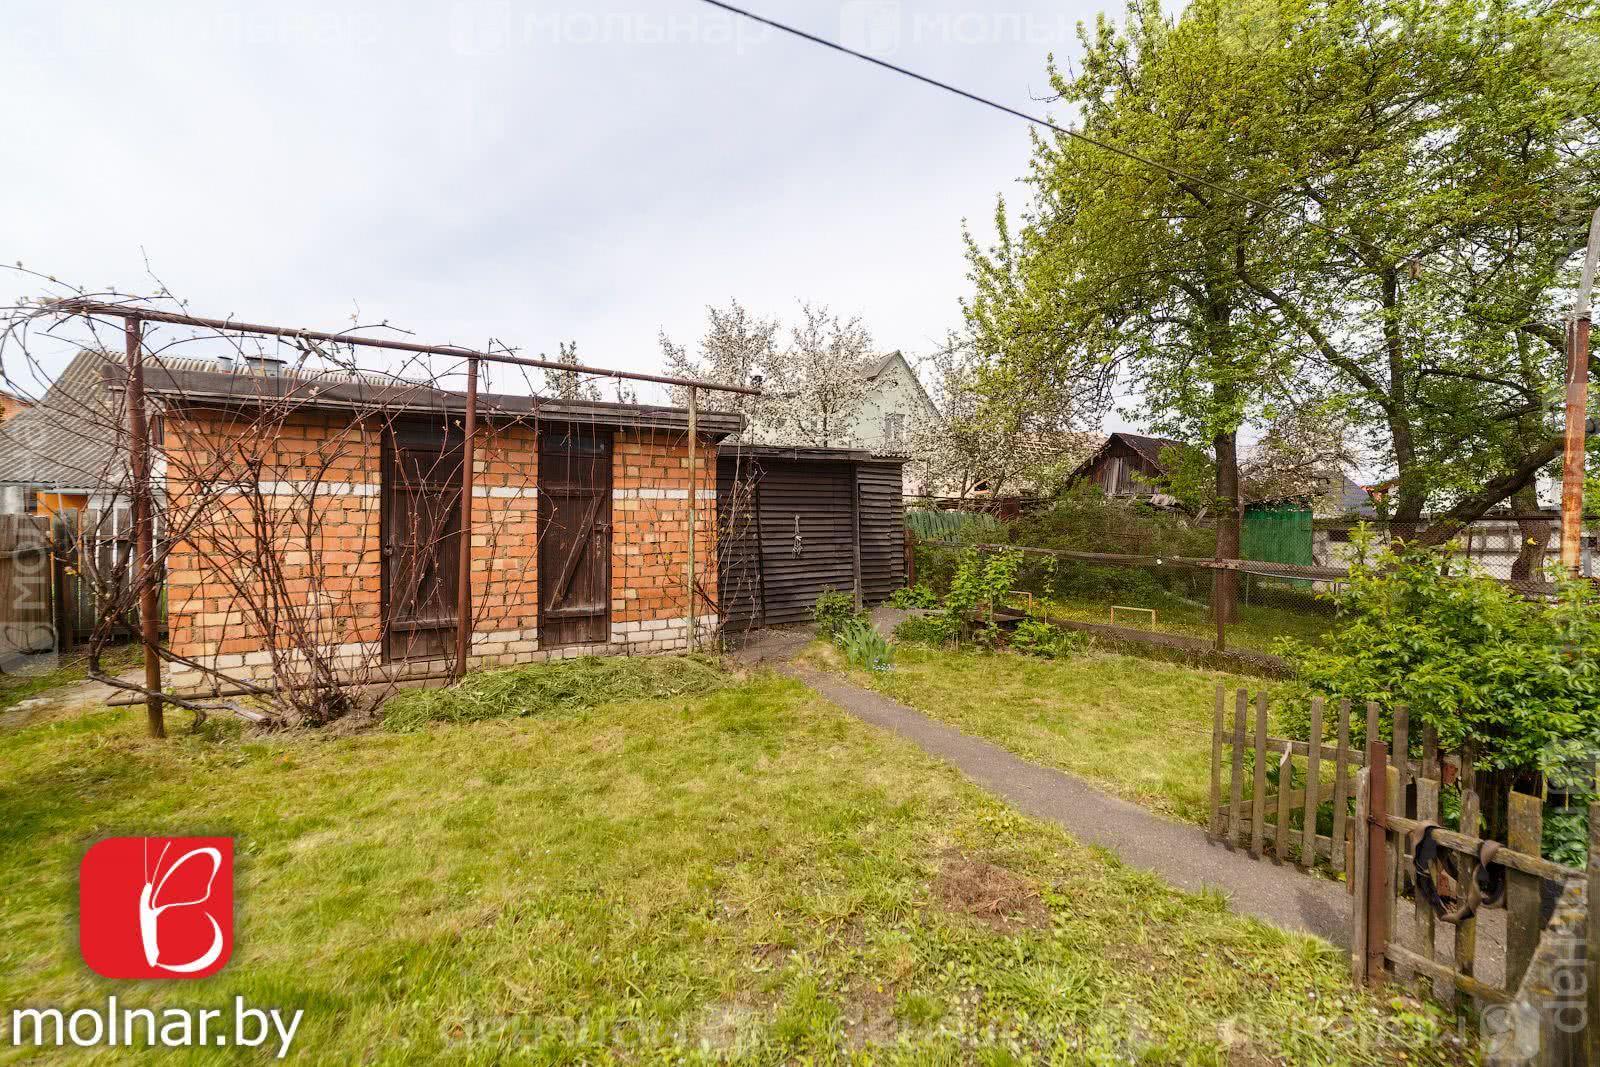 Продажа полдома в 2-этажном доме в Минске, пер. Орловский 3-й - фото 3